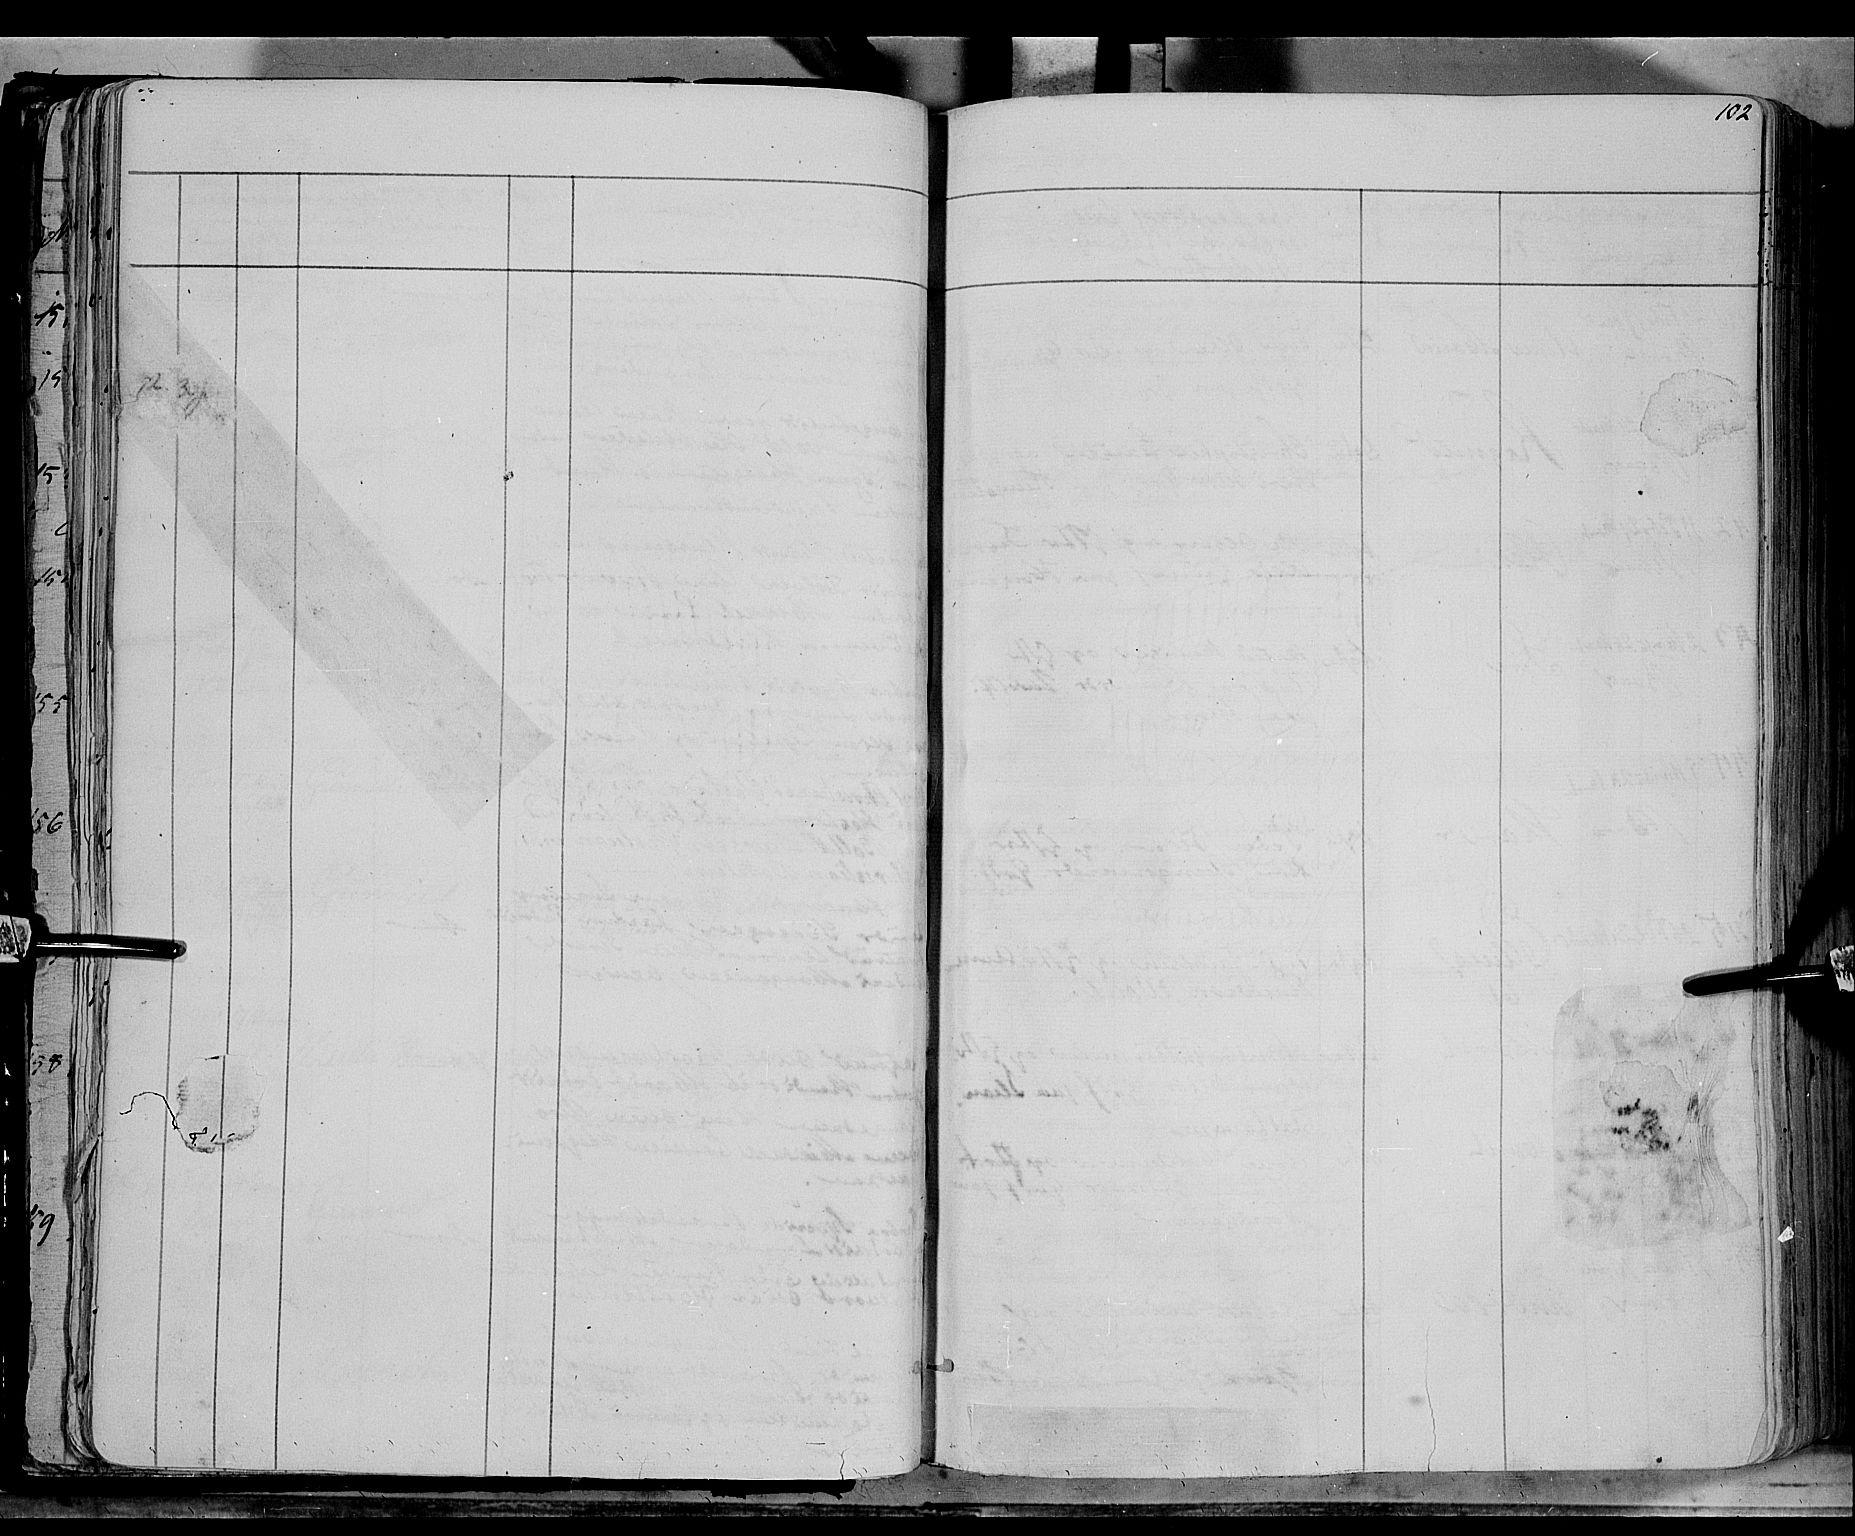 SAH, Sør-Aurdal prestekontor, Ministerialbok nr. 4, 1841-1849, s. 101-102